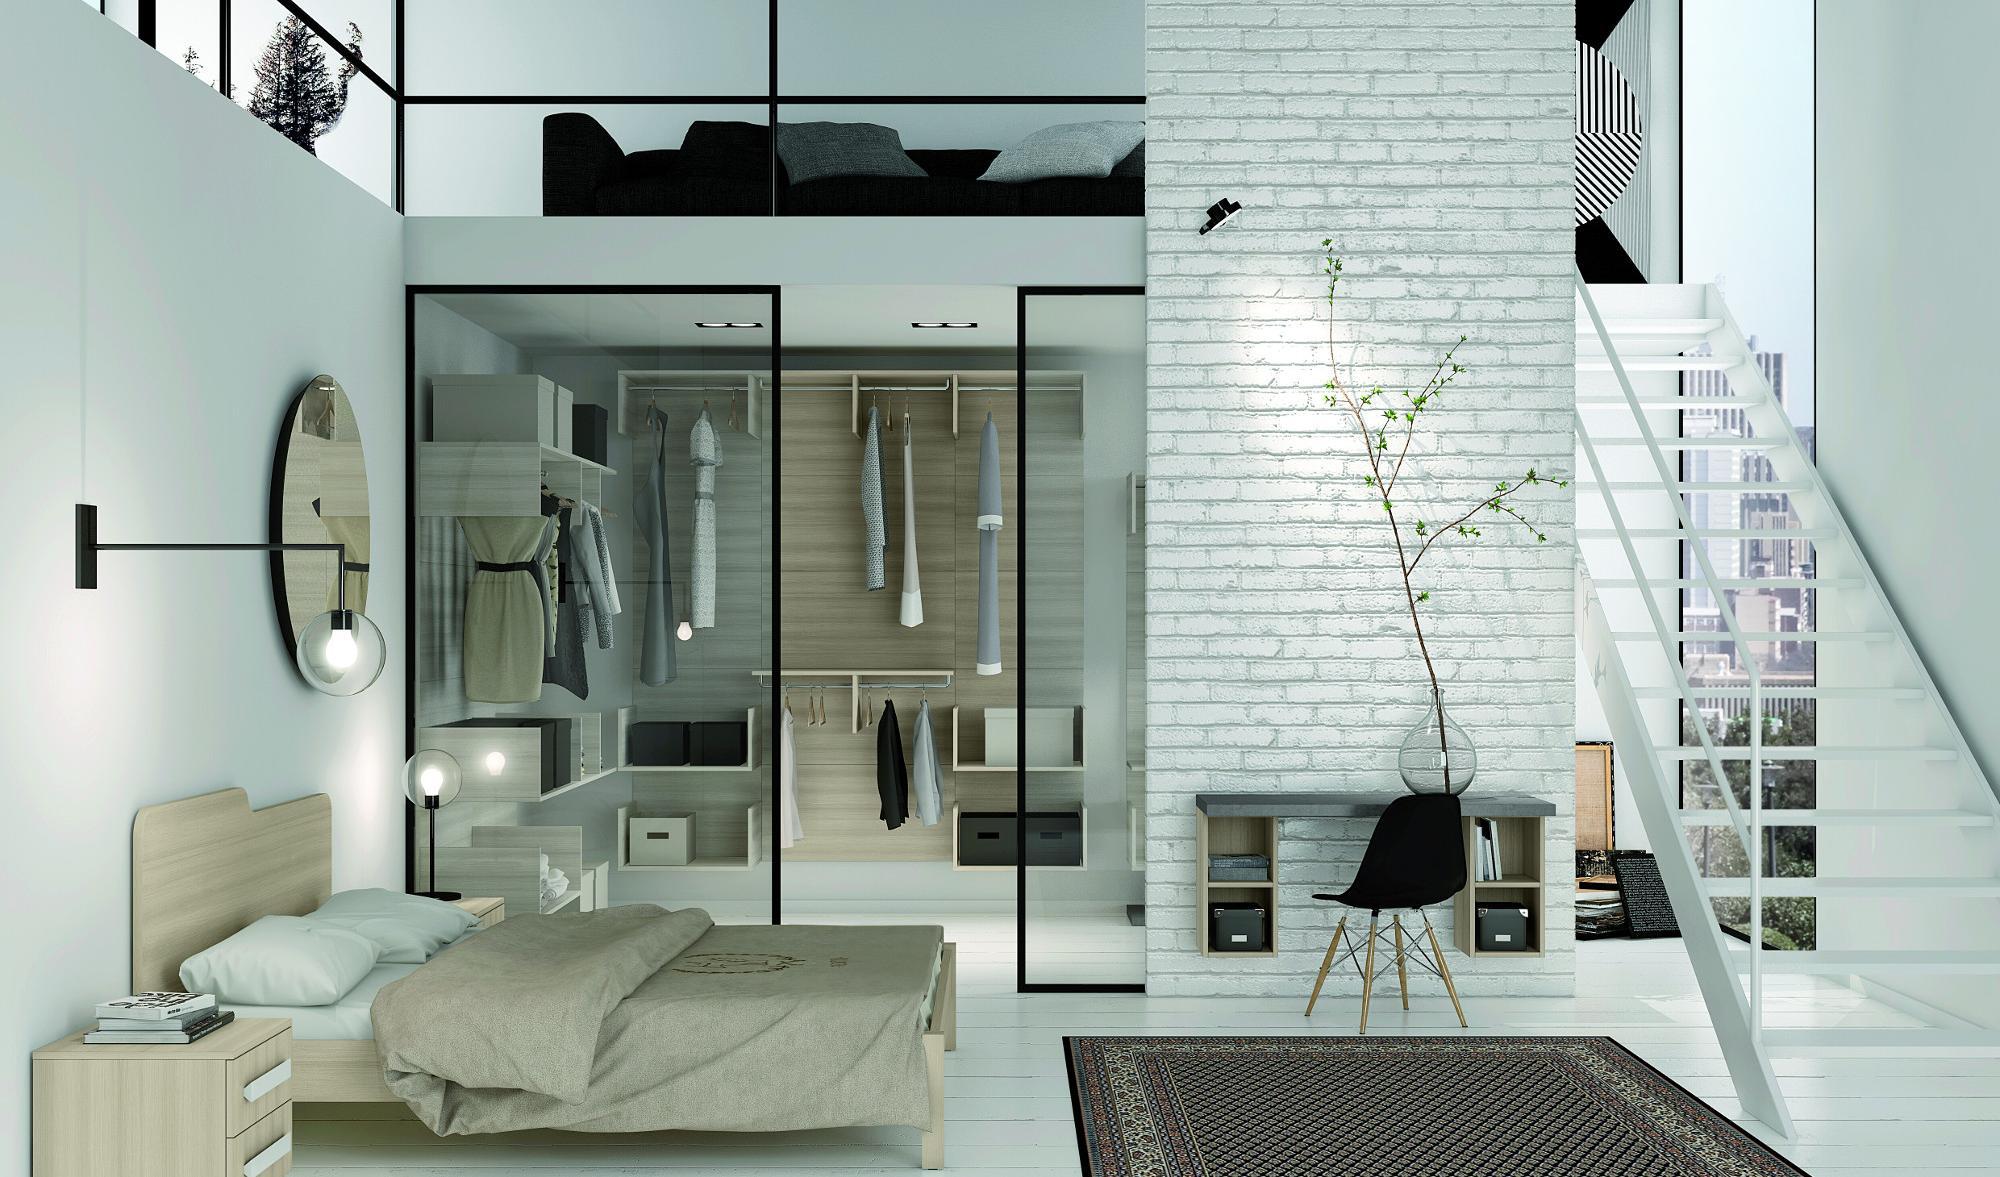 Progettare una cabina armadio misure e dimensioni minime for Camera da letto con armadio